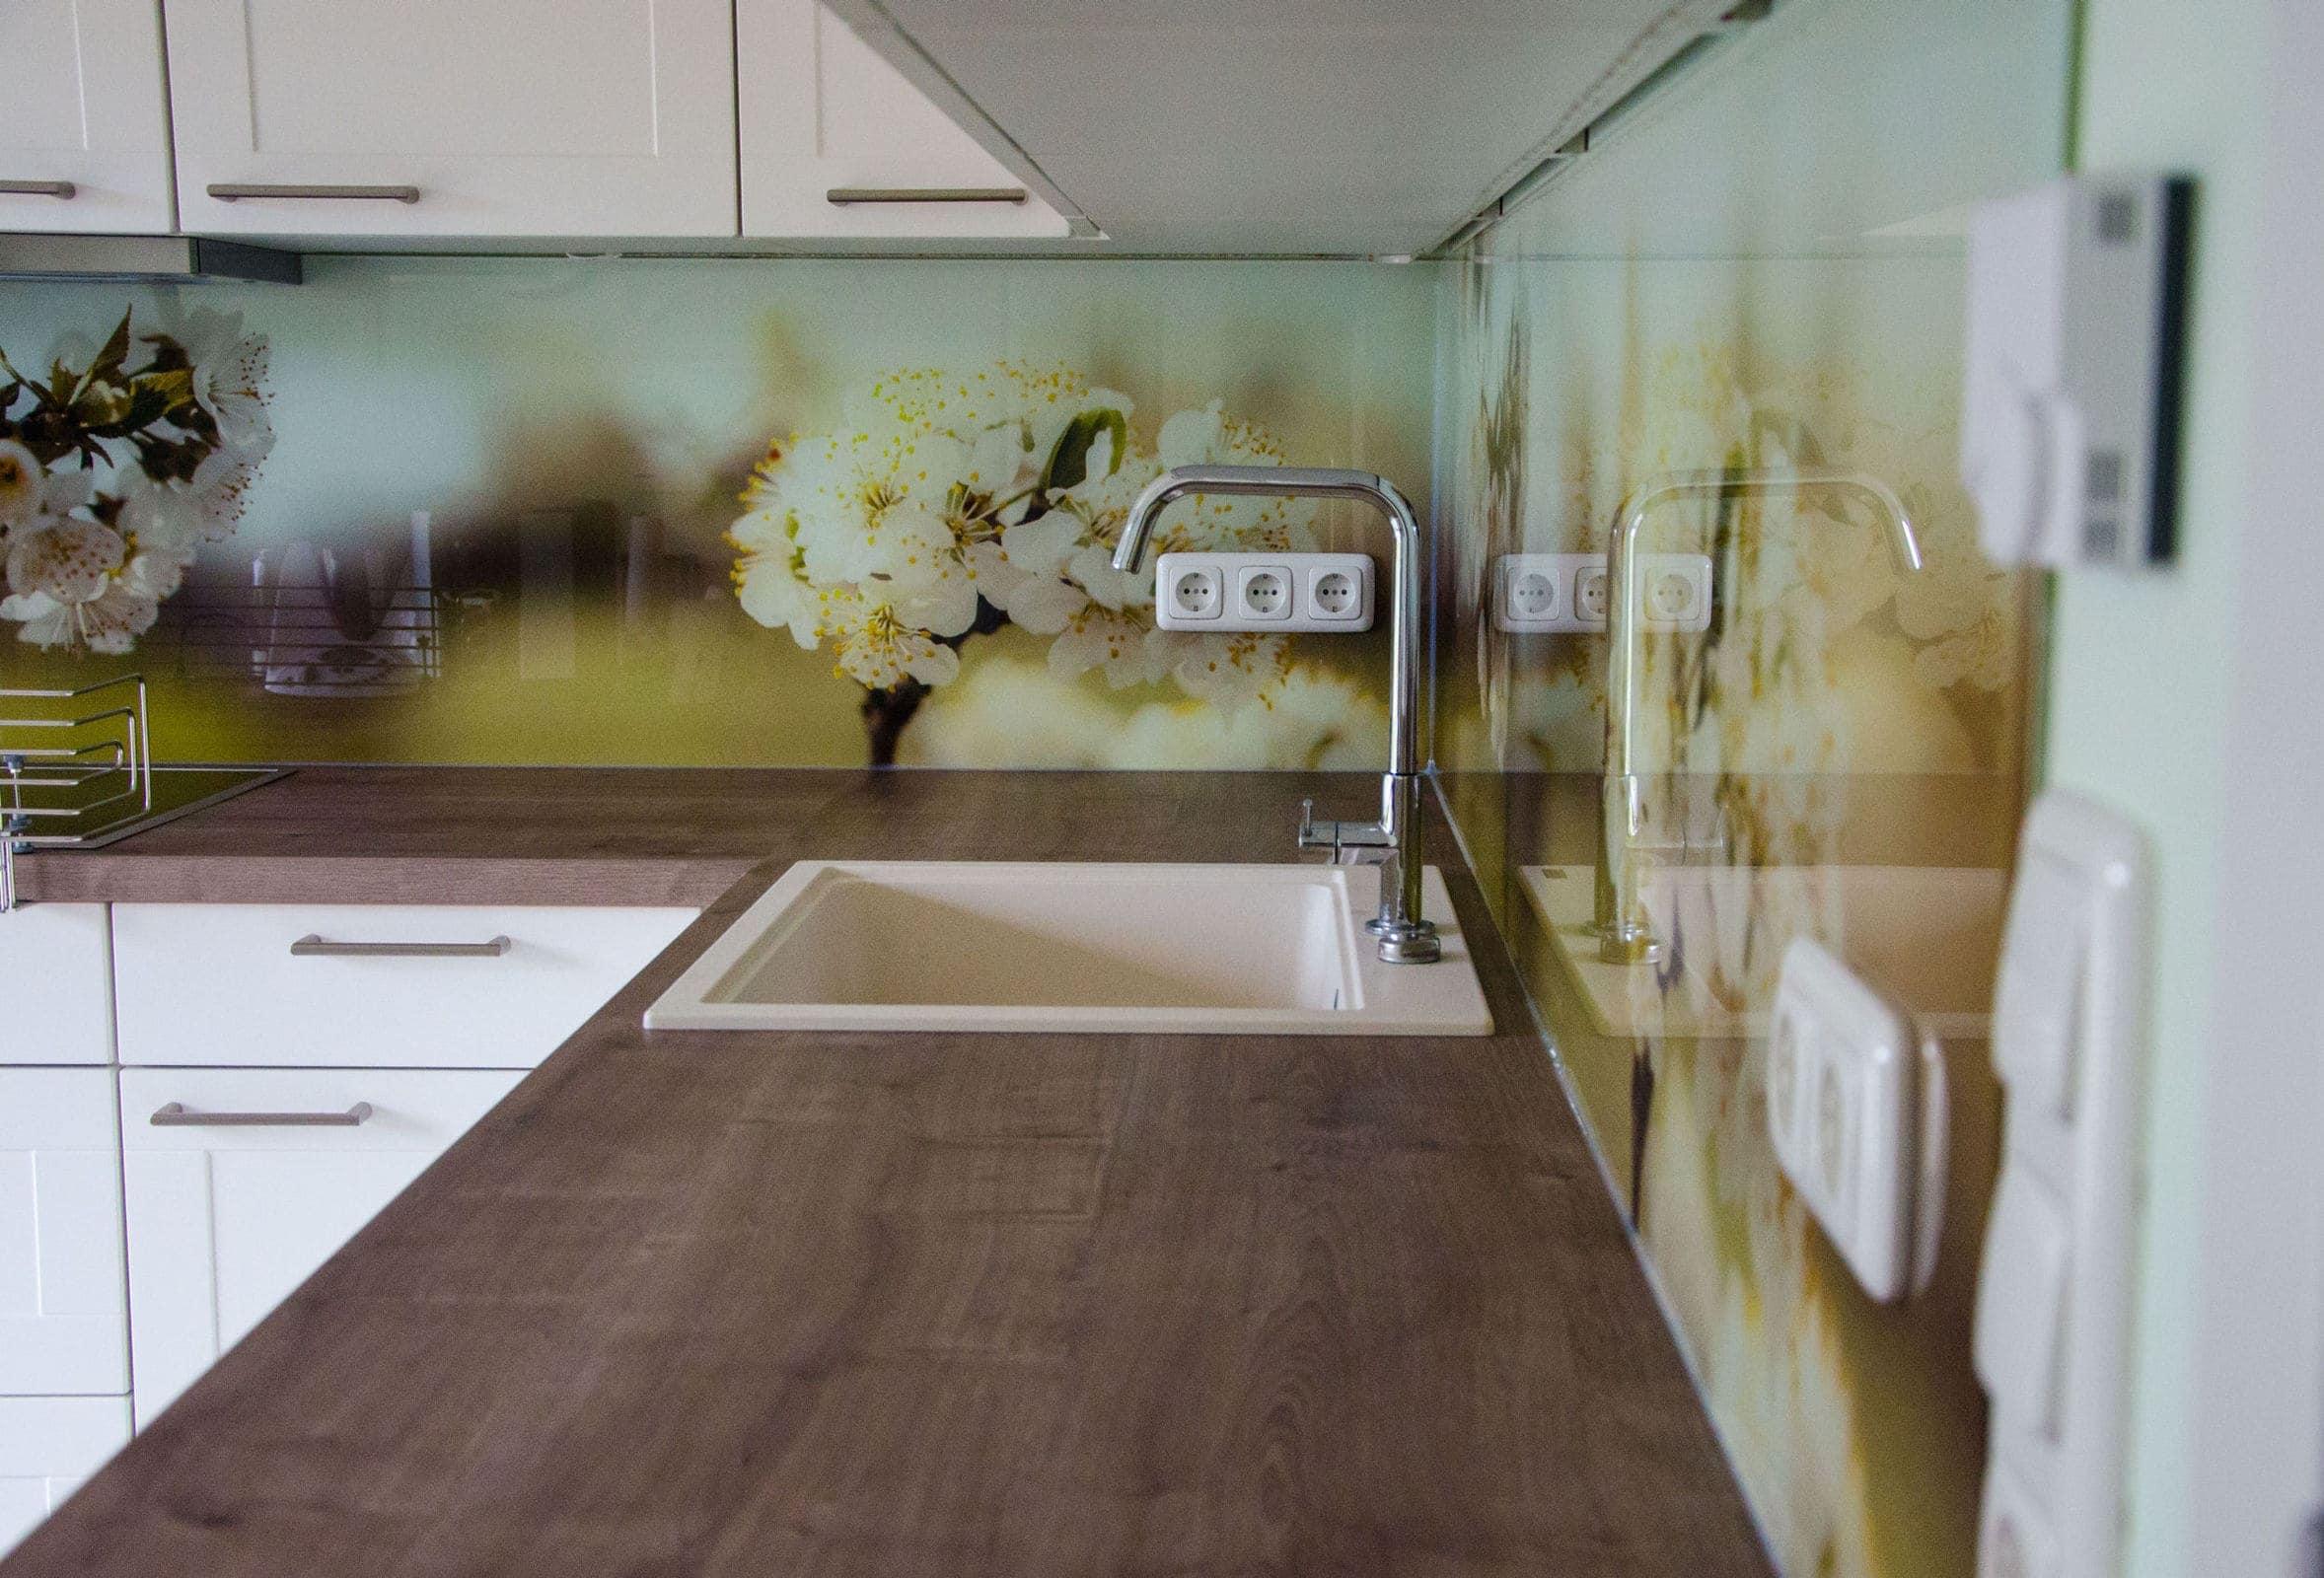 Full Size of Endlich Unsere Kchenrckwand Hausbau Garten Baby Wohnzimmer Tapeten Ideen Bad Renovieren Wohnzimmer Küchenrückwand Ideen